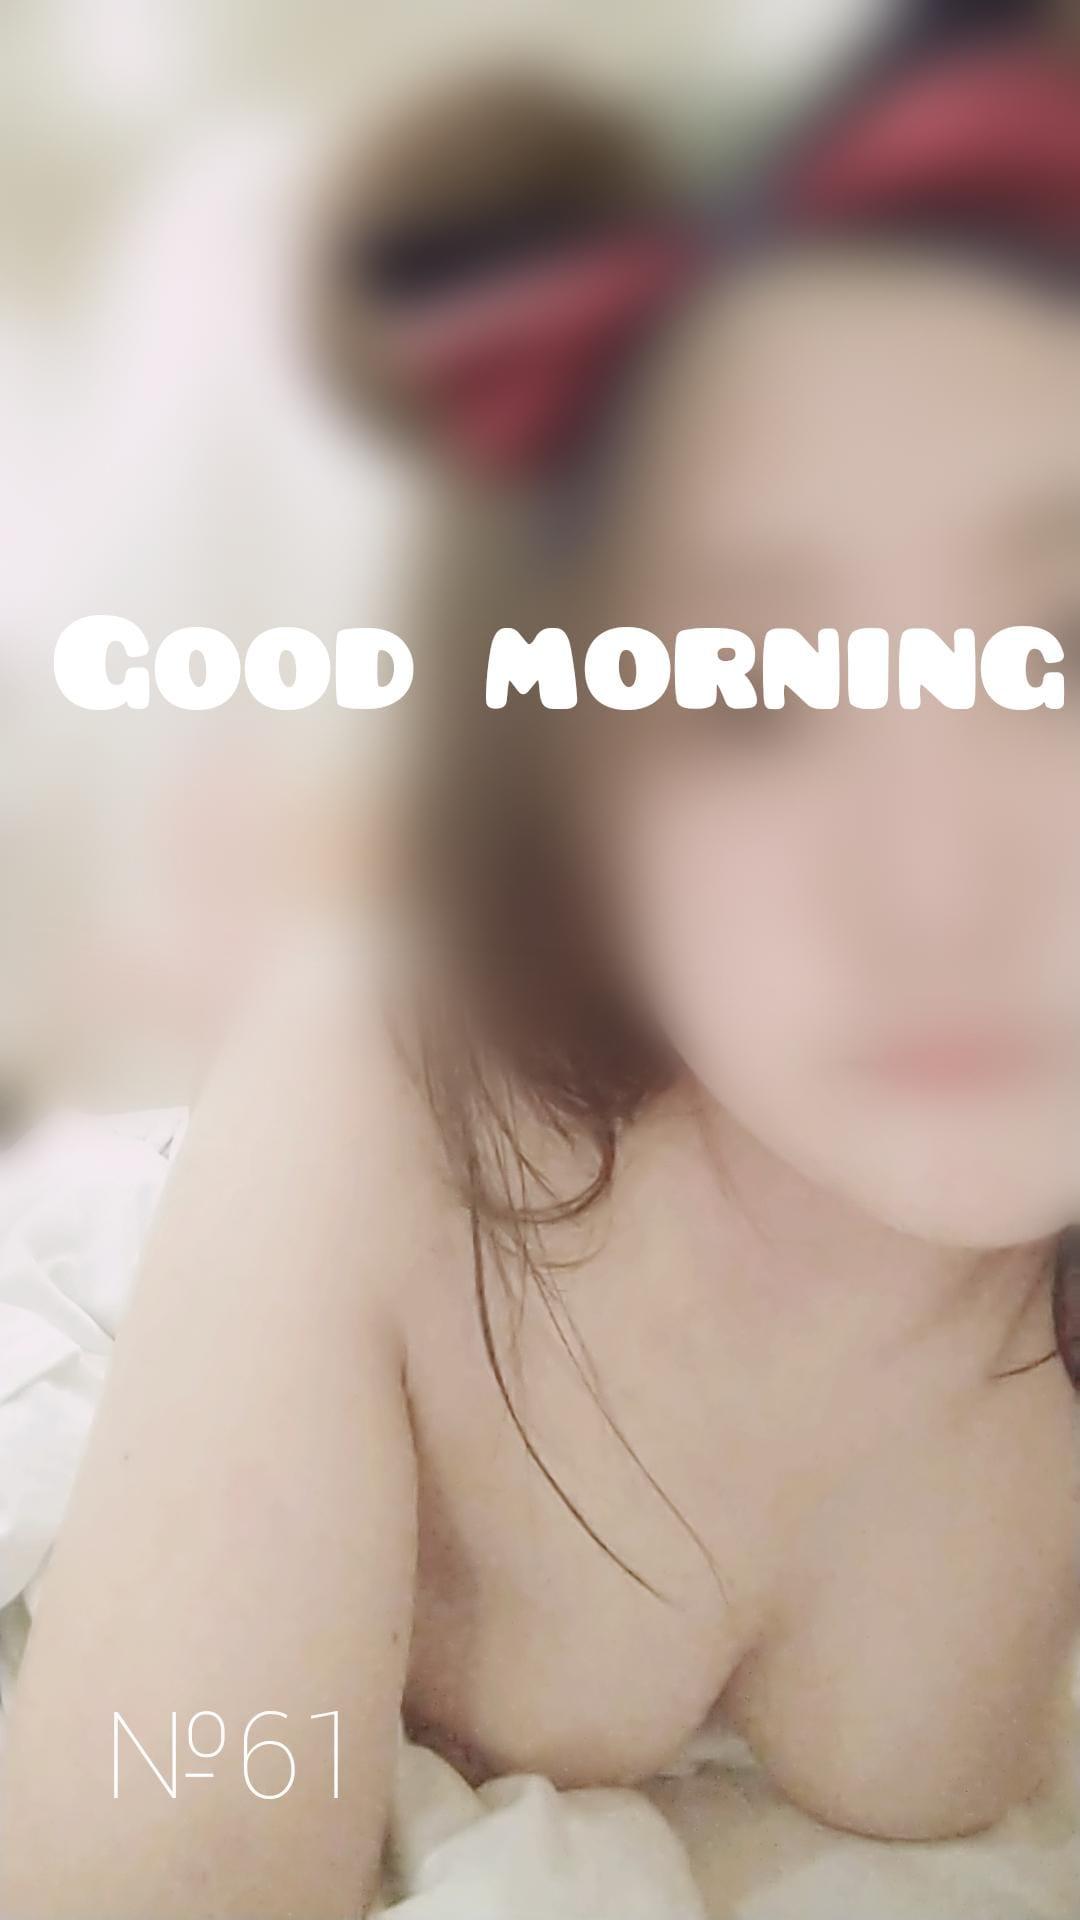 「おはこんにちは」11/16(土) 15:14 | あゆみの写メ・風俗動画